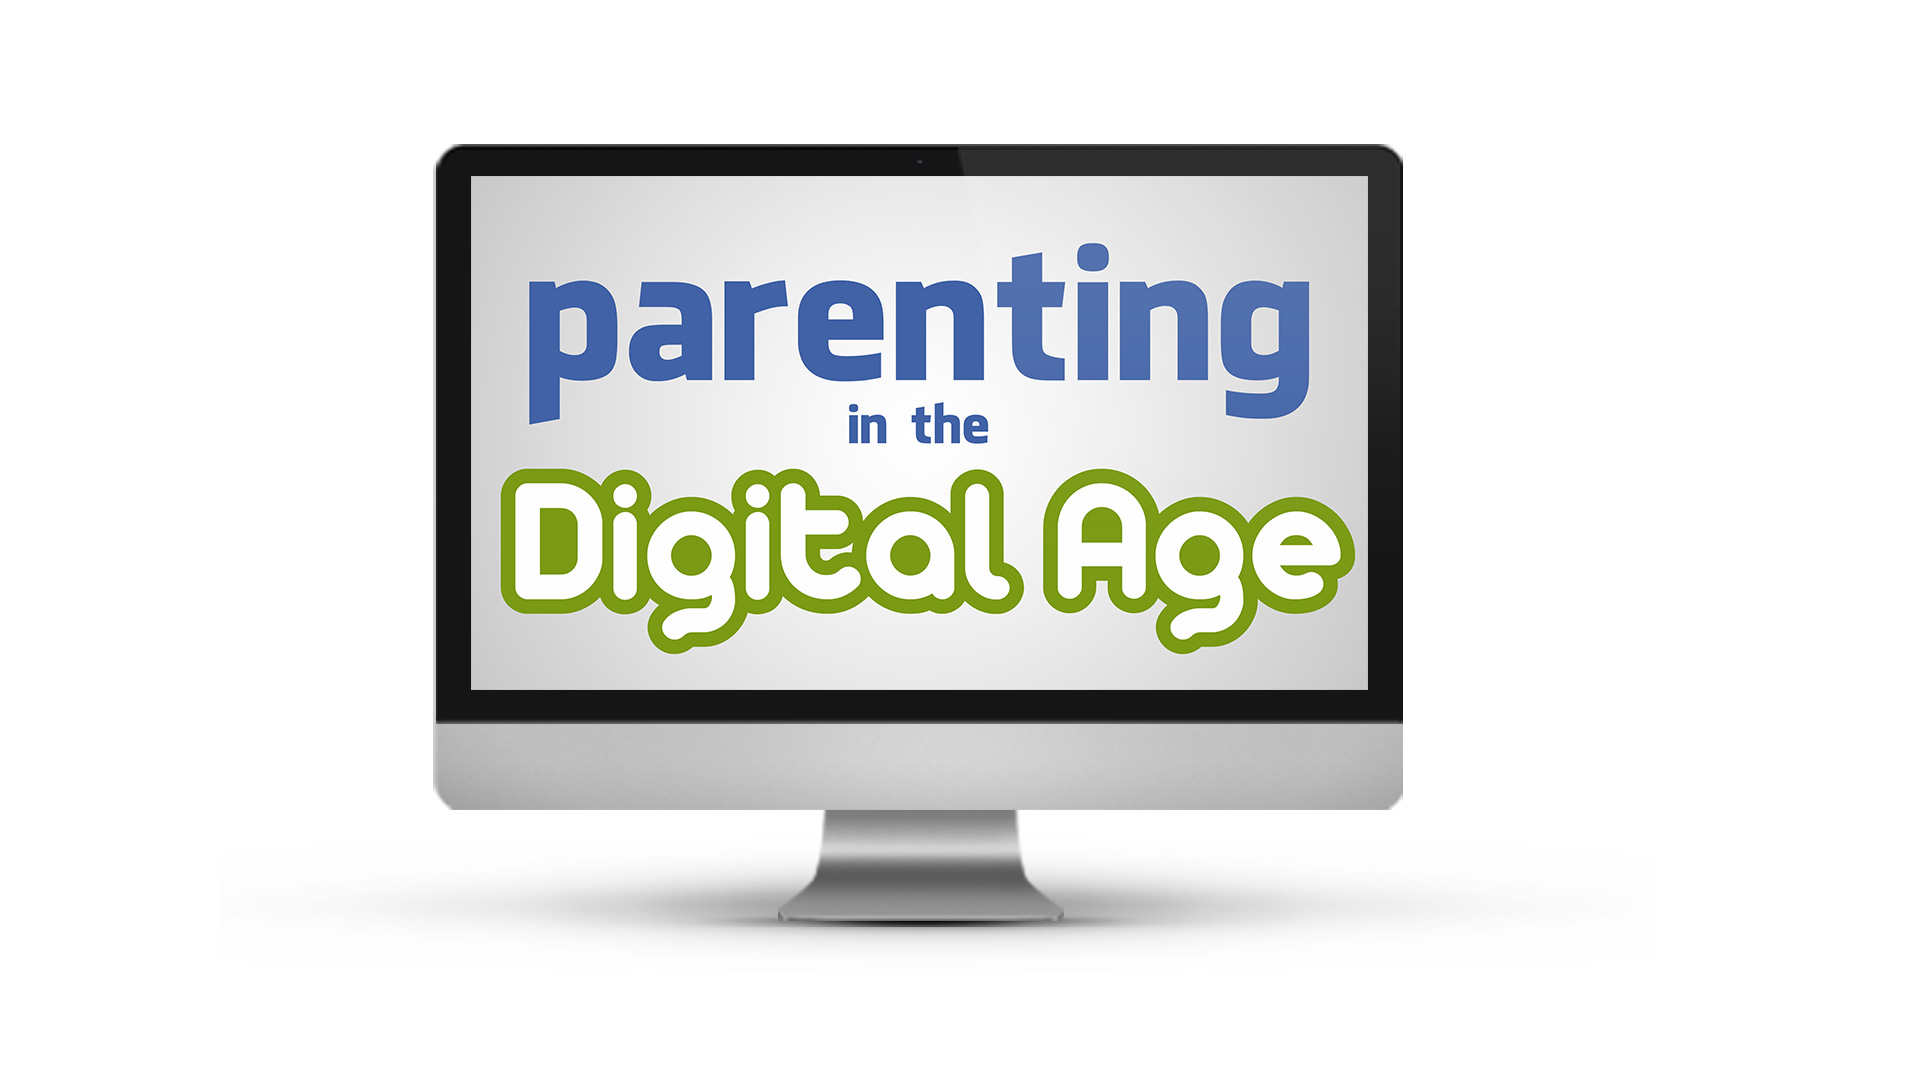 Parentingindigitalage